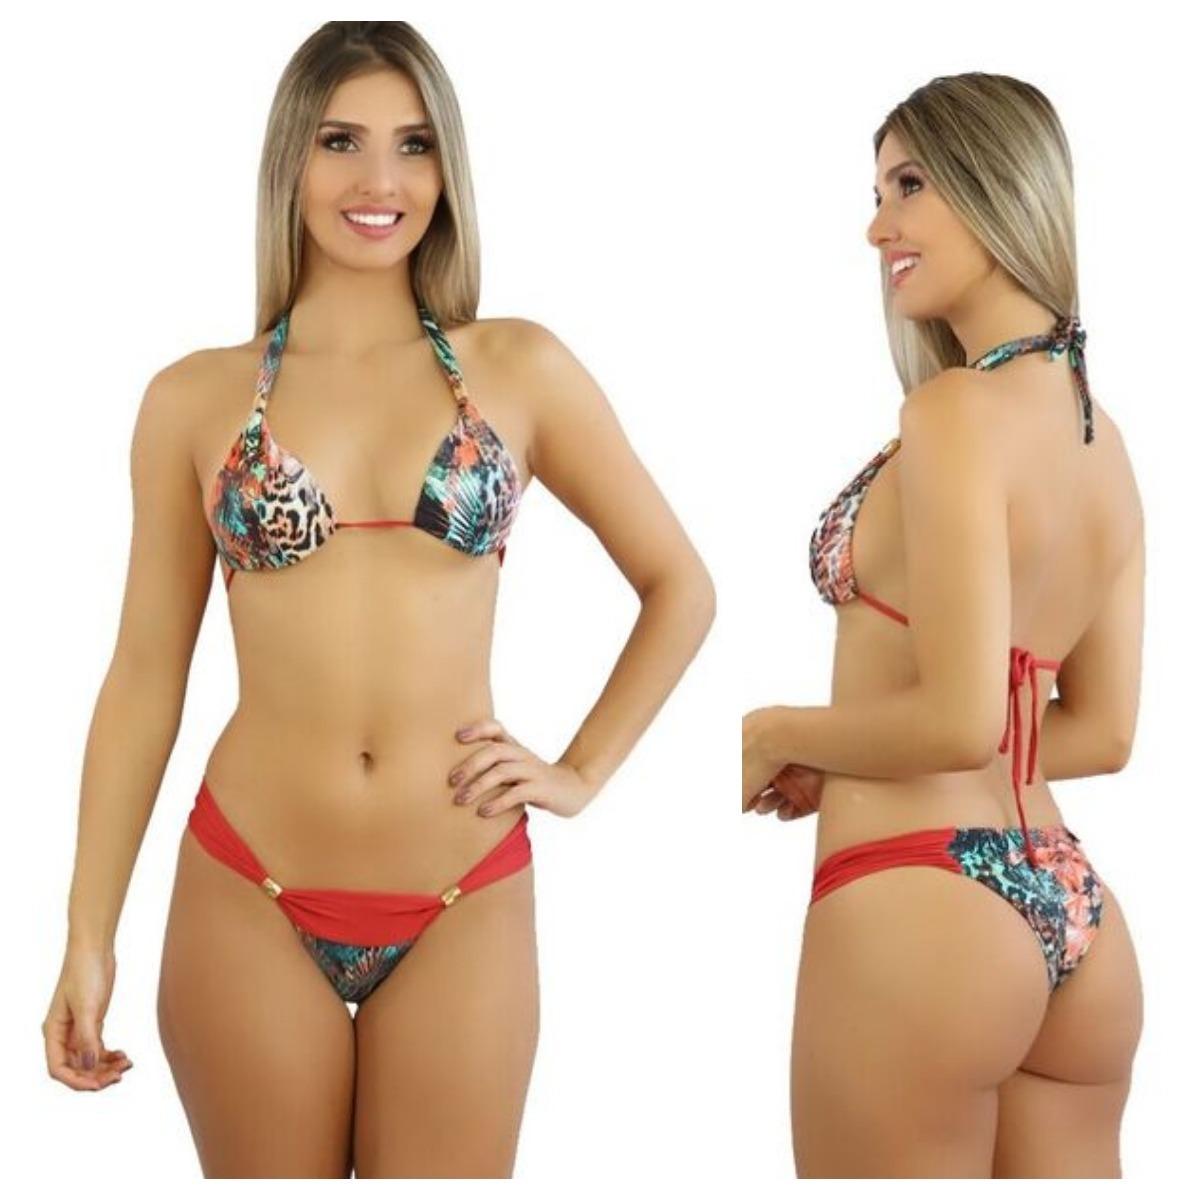 979a6b41e36 Biquinis 2018 Moda Praia Biquinis Baratos- Biquini Cl  50 - R  68